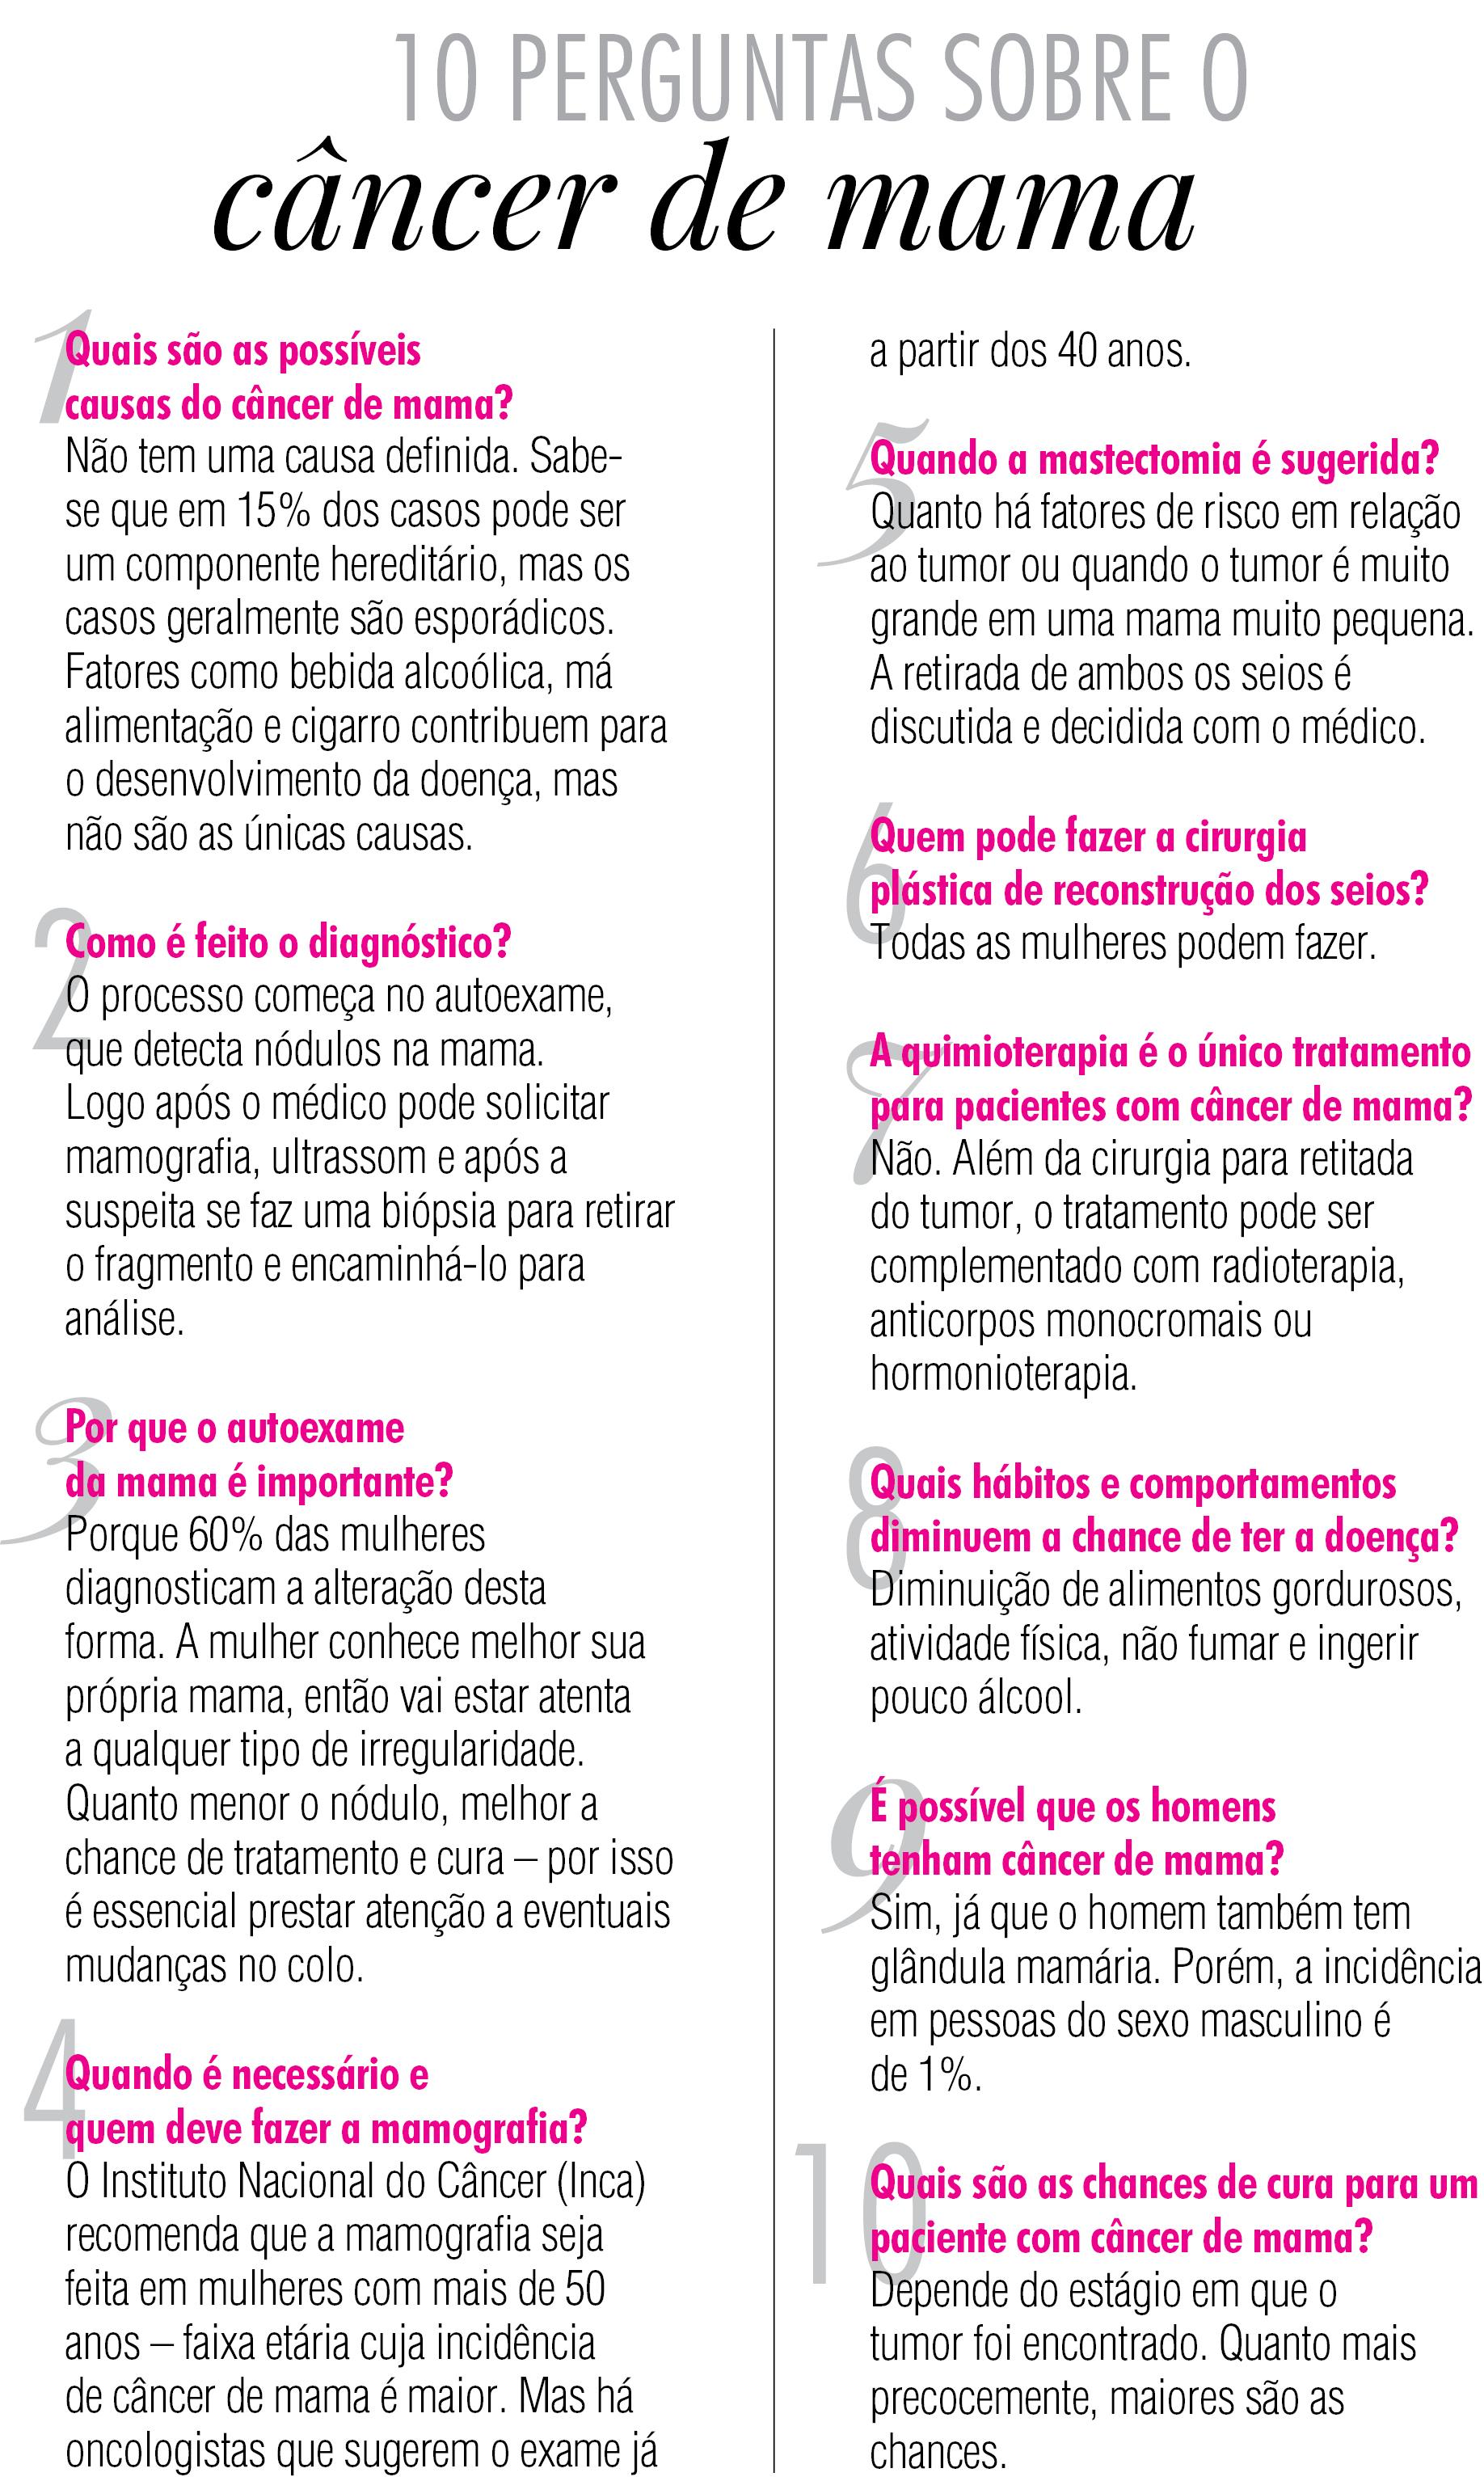 52bc511d83c92 ... o câncer de mama — e para você que não tem dúvidas ficar com as  respostas na ponta da língua — o Santa preparou 10 perguntas e respostas  sobre o tema